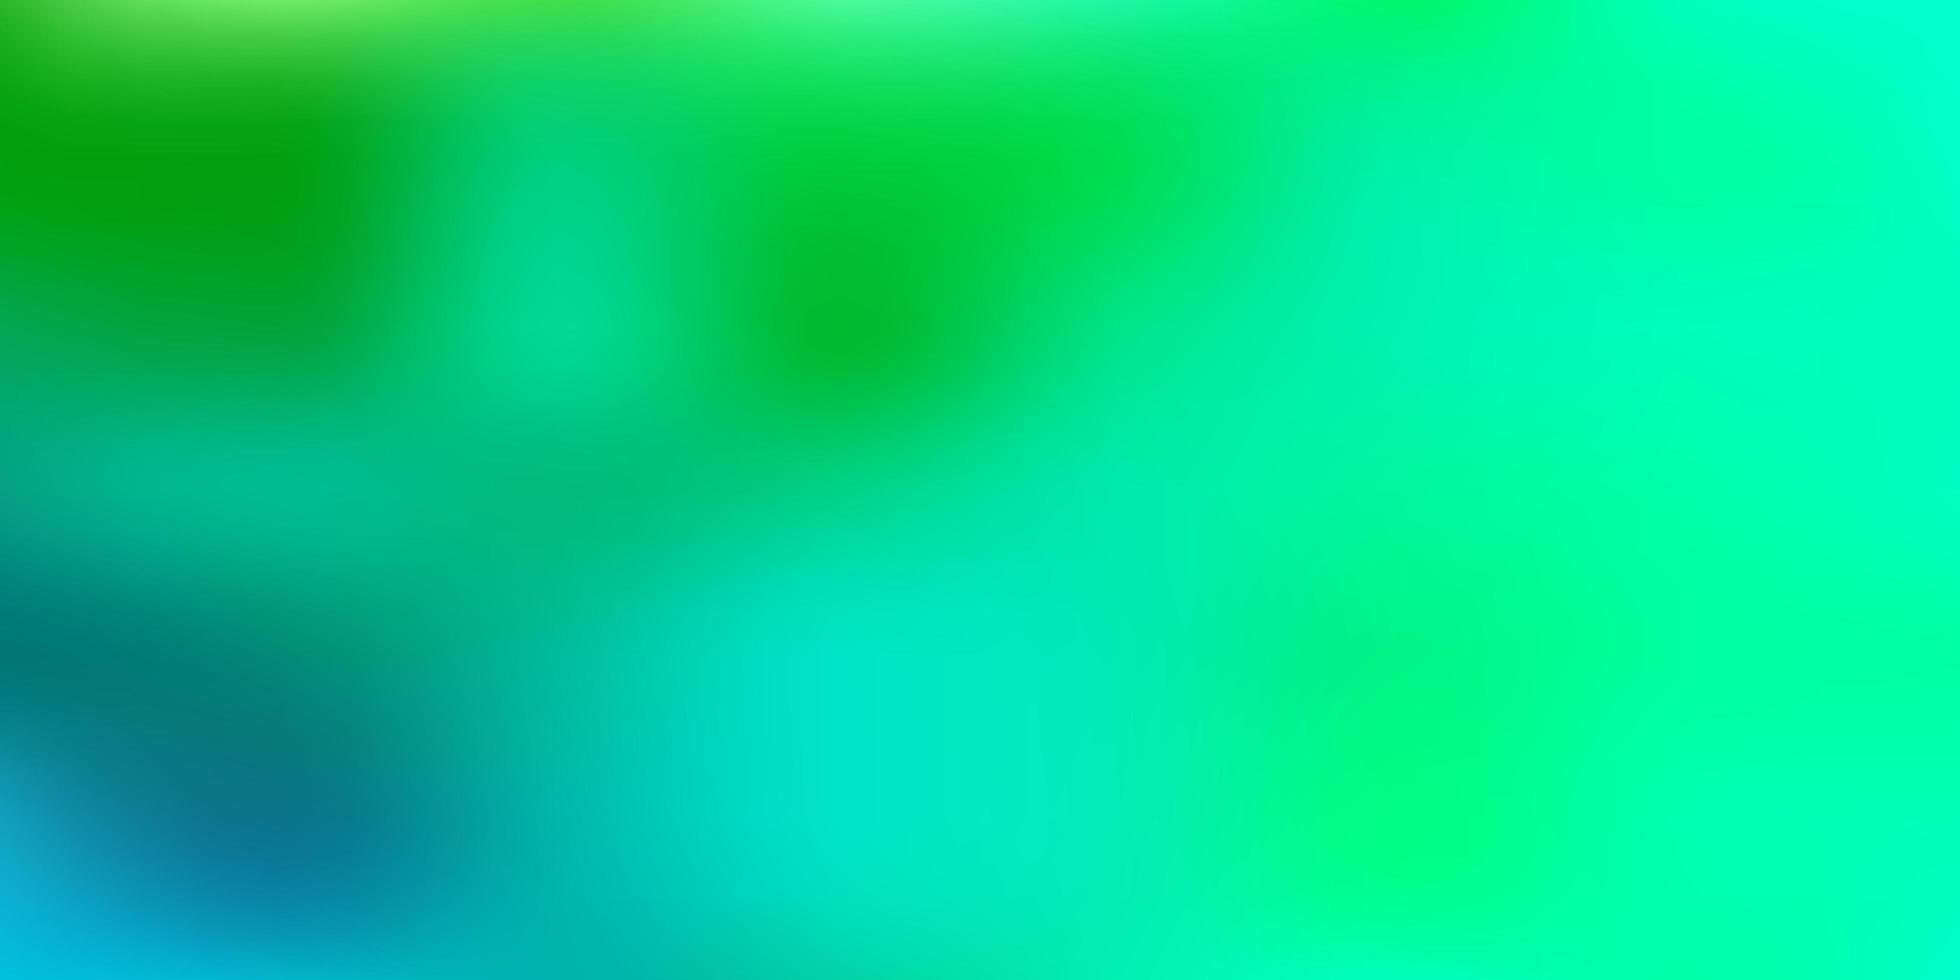 textura do borrão do sumário do vetor verde claro.